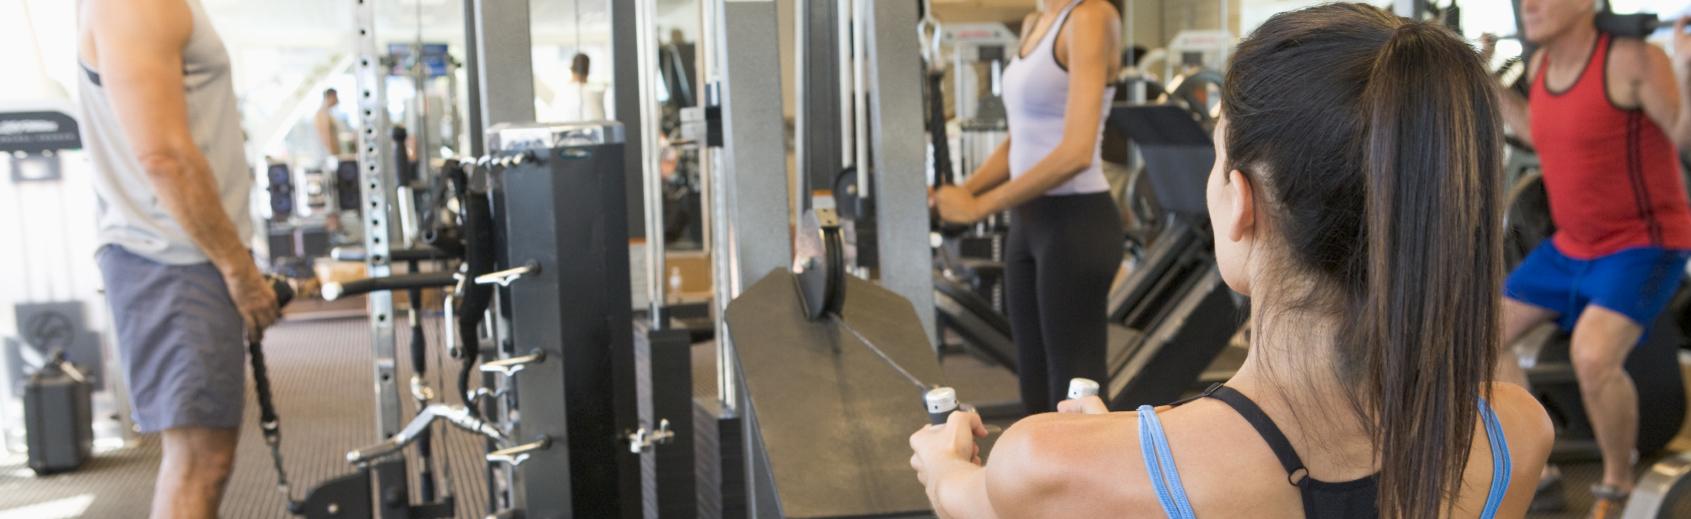 La salle de fitness des sports universitaires vous permet de faire du sport avec une grande variété d'appareils de musculation.  Les sports universitaires vous proposent d'effectuer un renforcement musculaire complet dans un cadre adapté en améliorant votre capacité cardiovasculaire et votre équilibre physique.  La salle de fitness est à disposition des étudiants tous les jours. Une séance d'initiation obligatoire avec un moniteur permet d'apprendre à utiliser les appareils dans les meilleures conditions. Il vous est également possible de prendre des cours avec le moniteur pour un meilleur suivi et l'élaboration d'un plan d'entraînement adapté à vos objectifs et niveau.